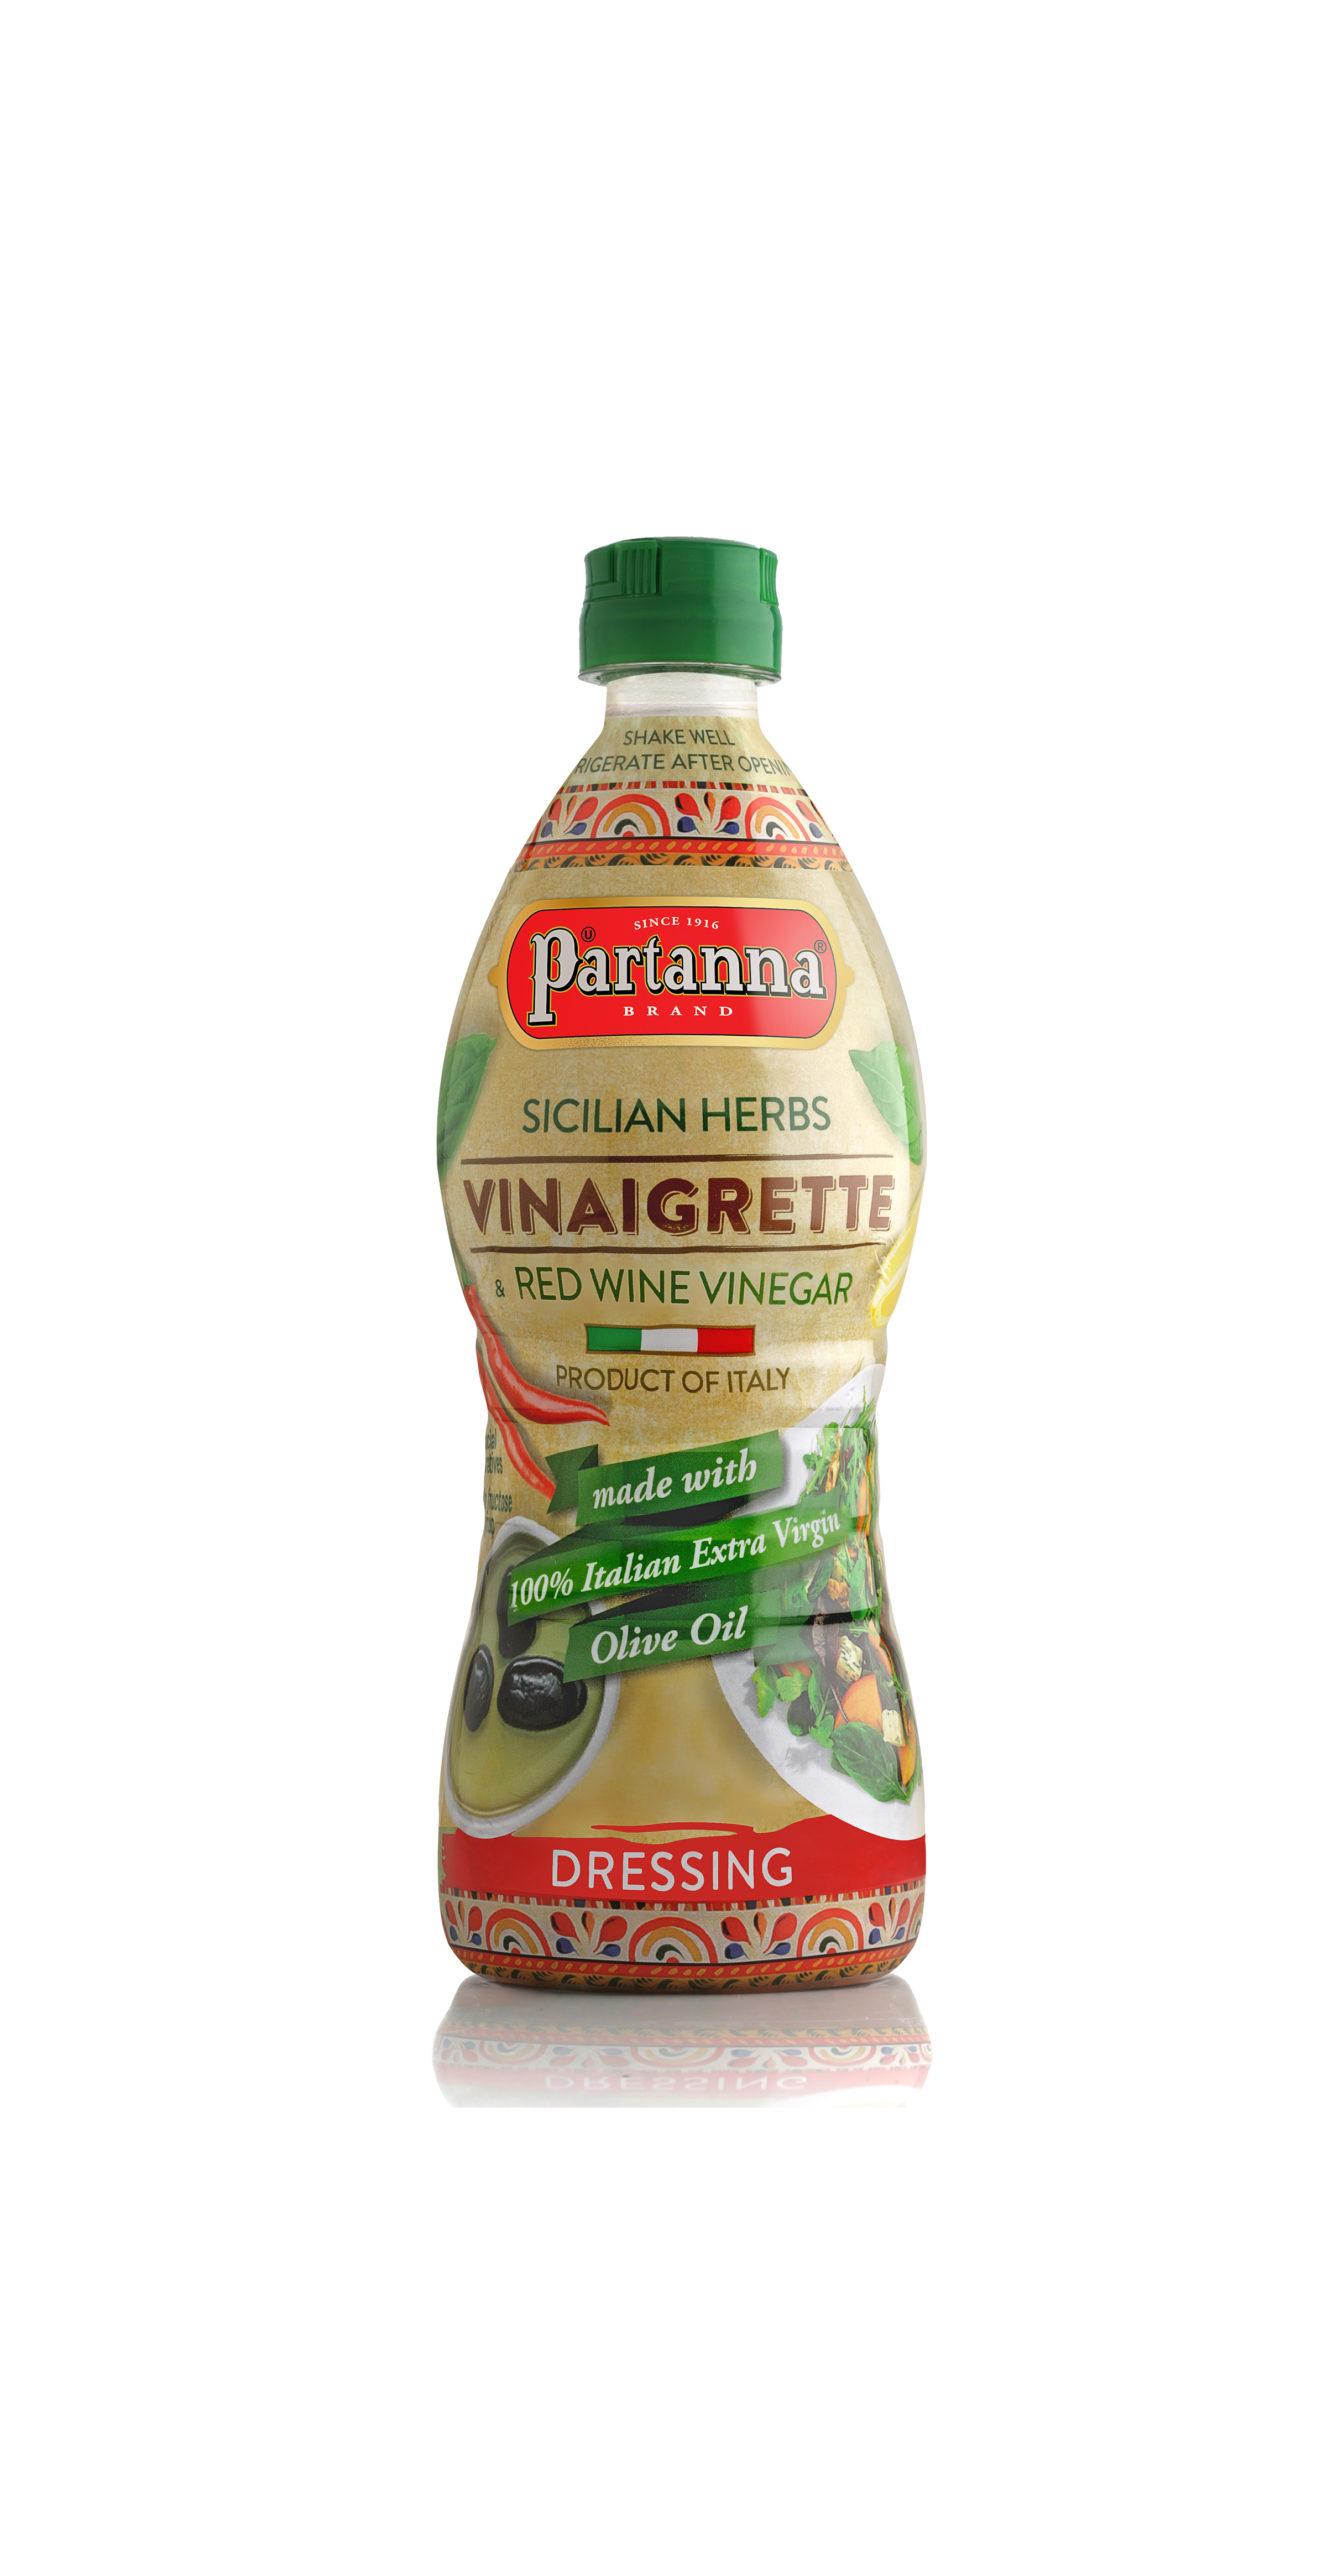 Partanna Sicilian Herbs Vinaigrette